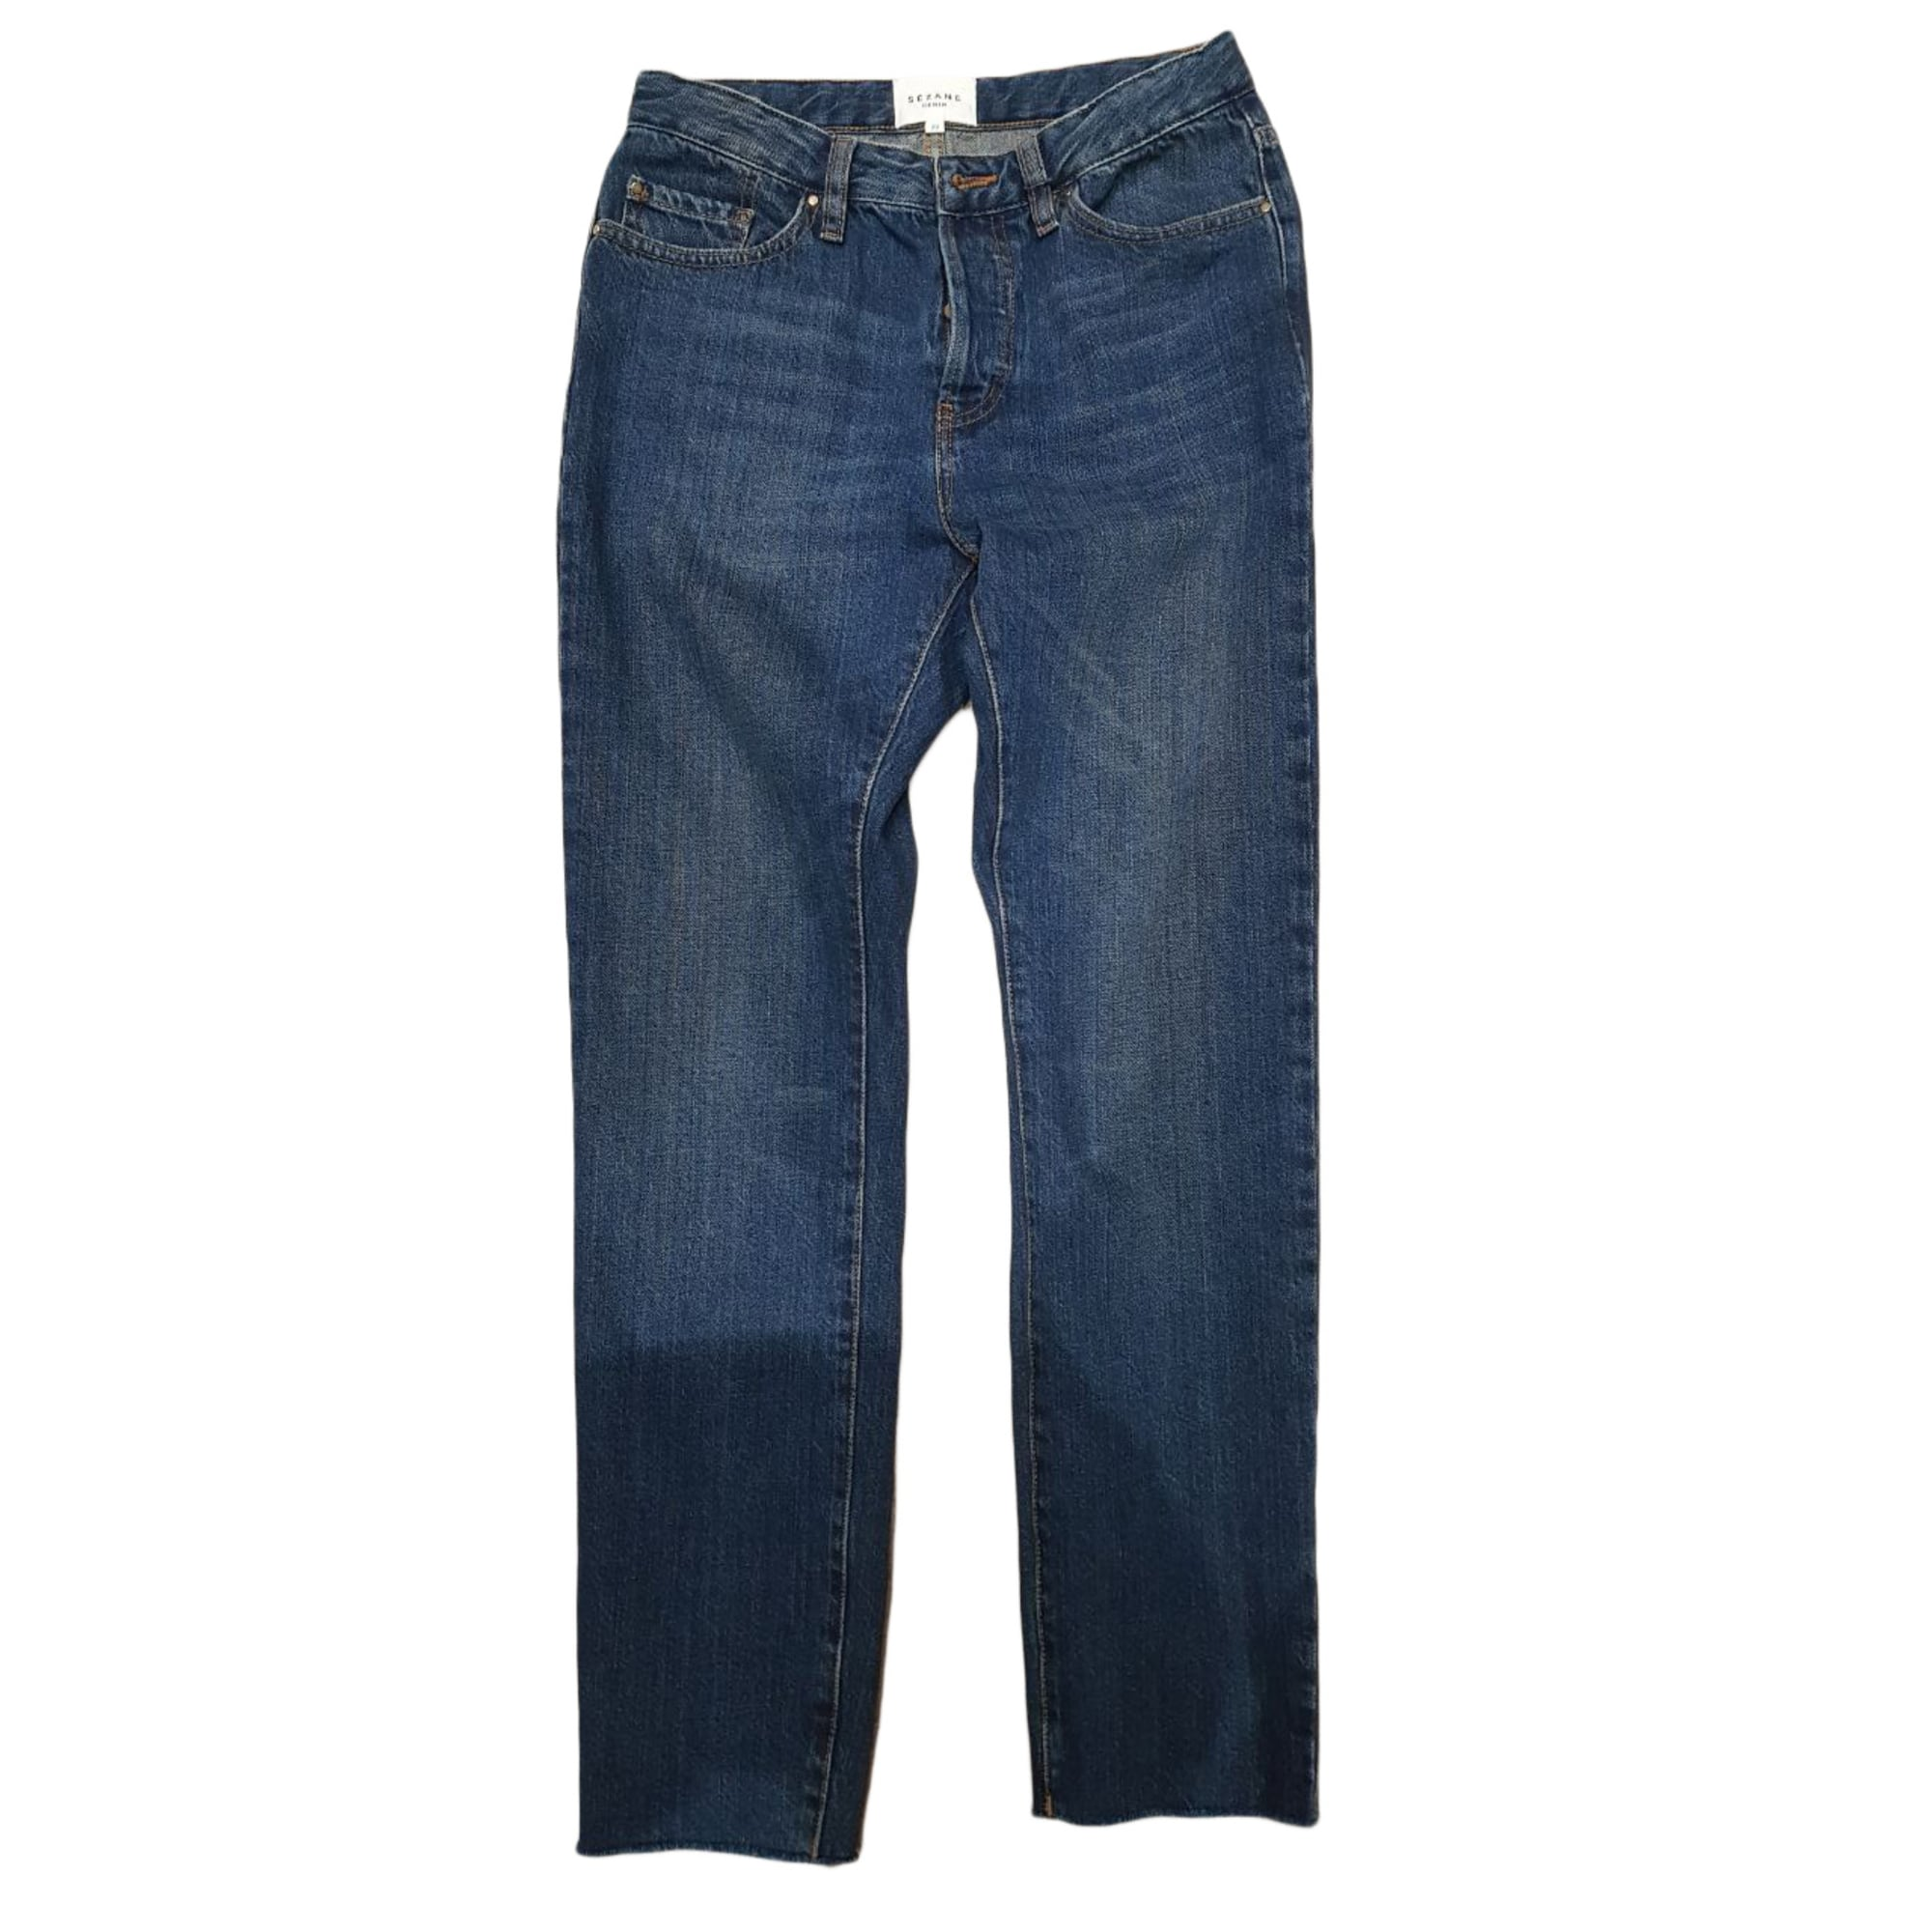 Jeans slim SÉZANE Blu, blu navy, turchese